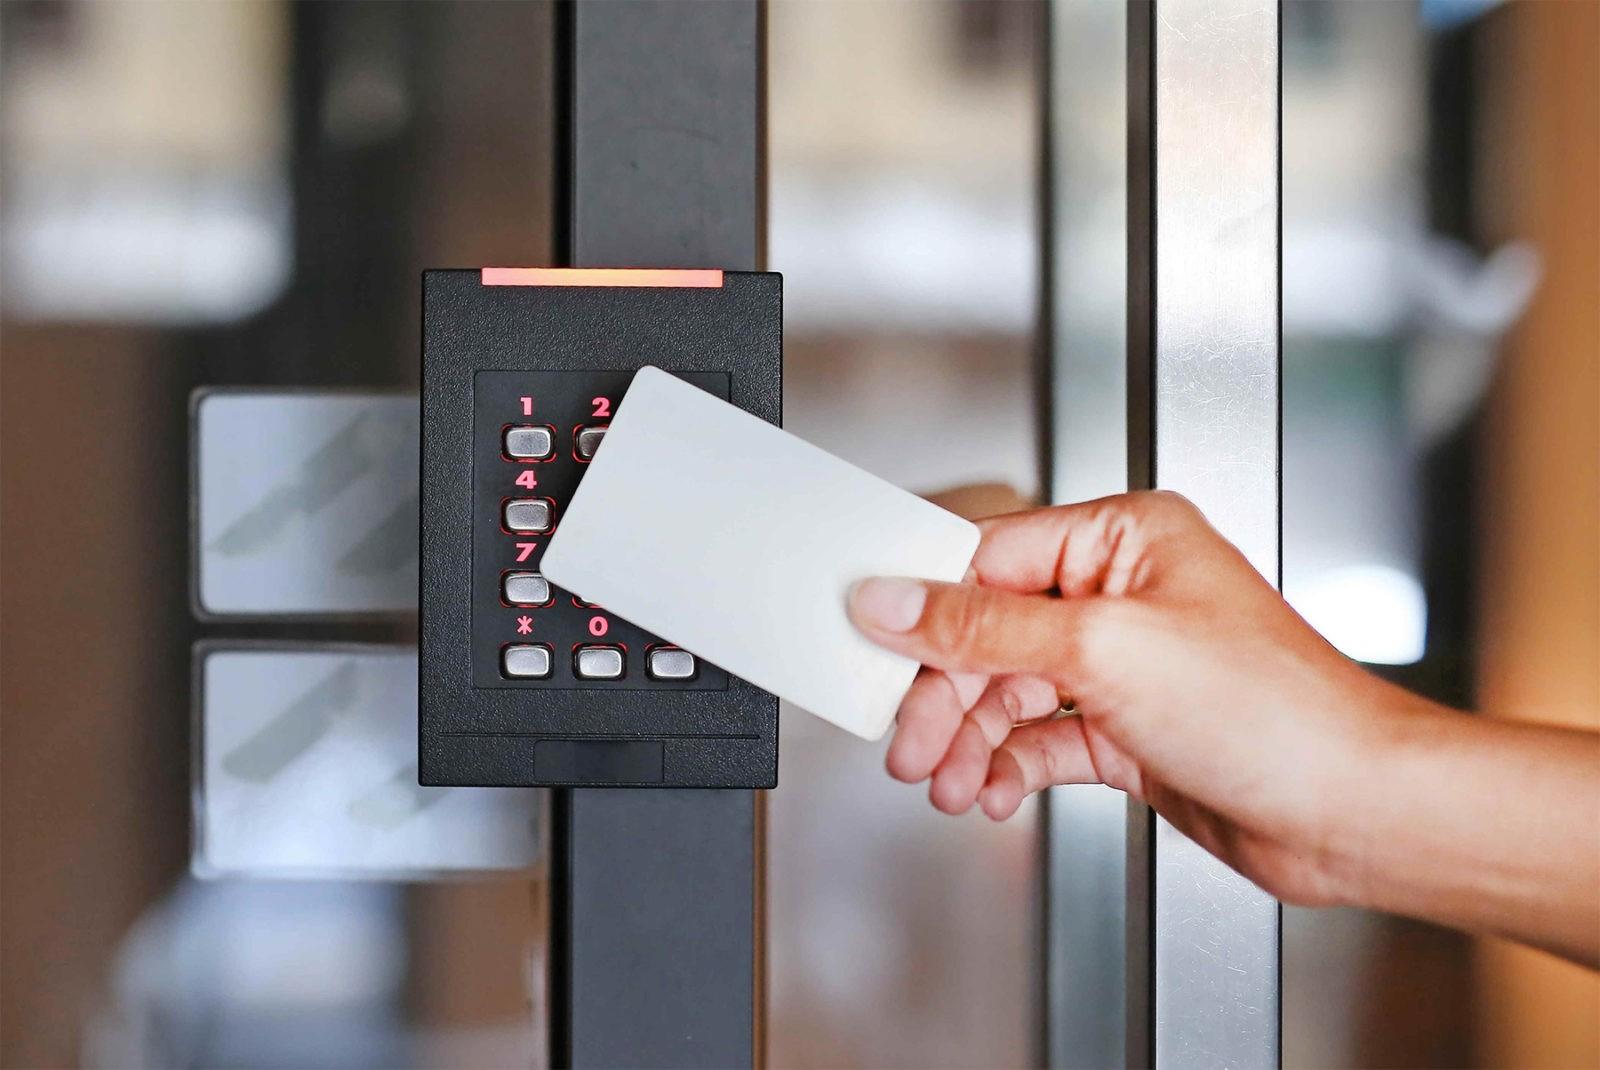 СКУД — система контроля и управления доступом: назначение и применение на различных объектах